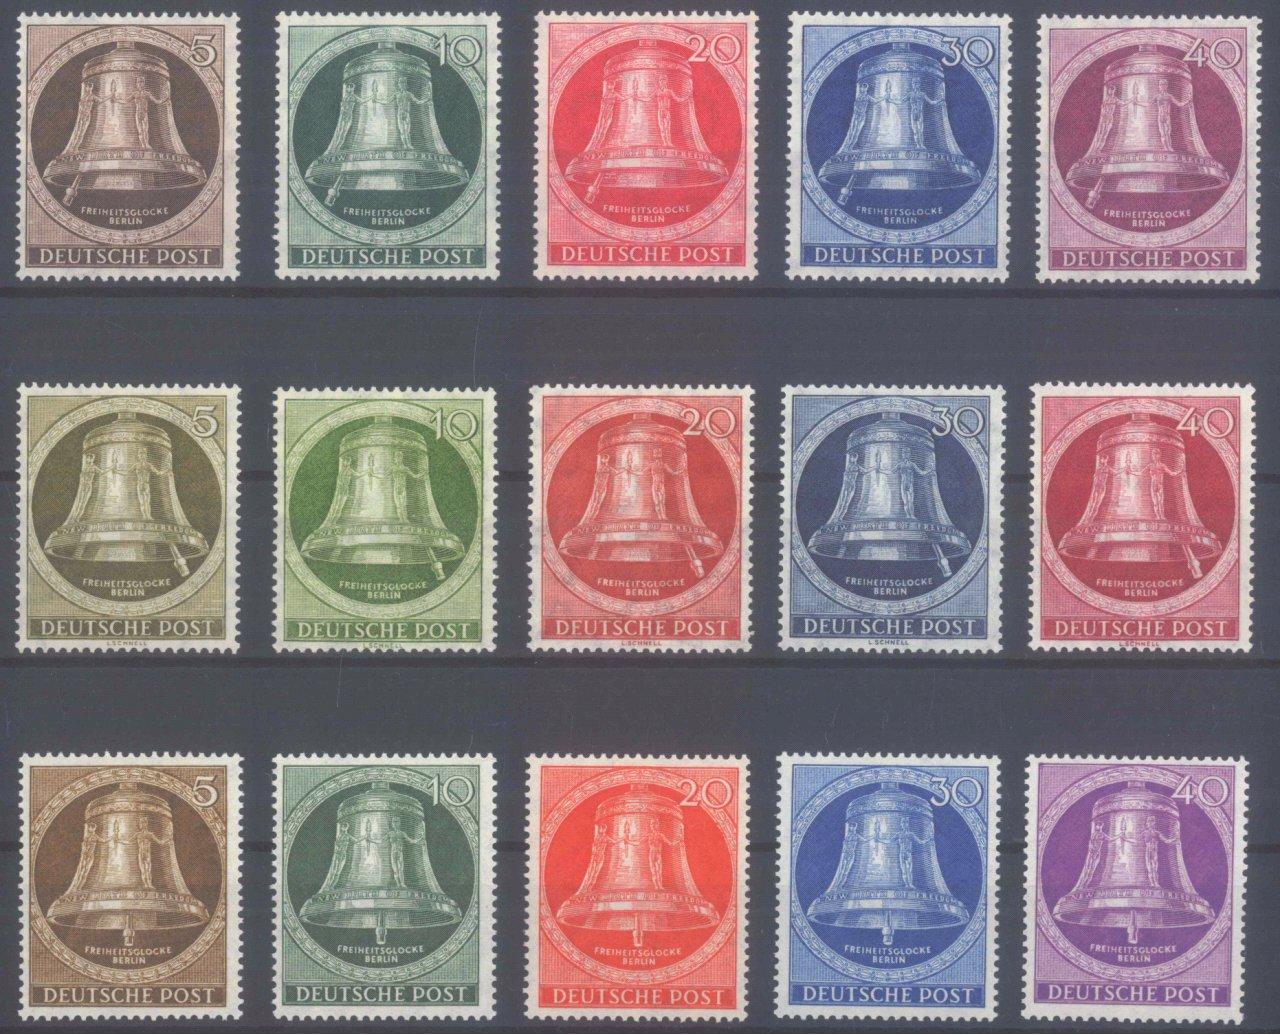 BERLIN 1951/1953, Glockensätze I-III komplett